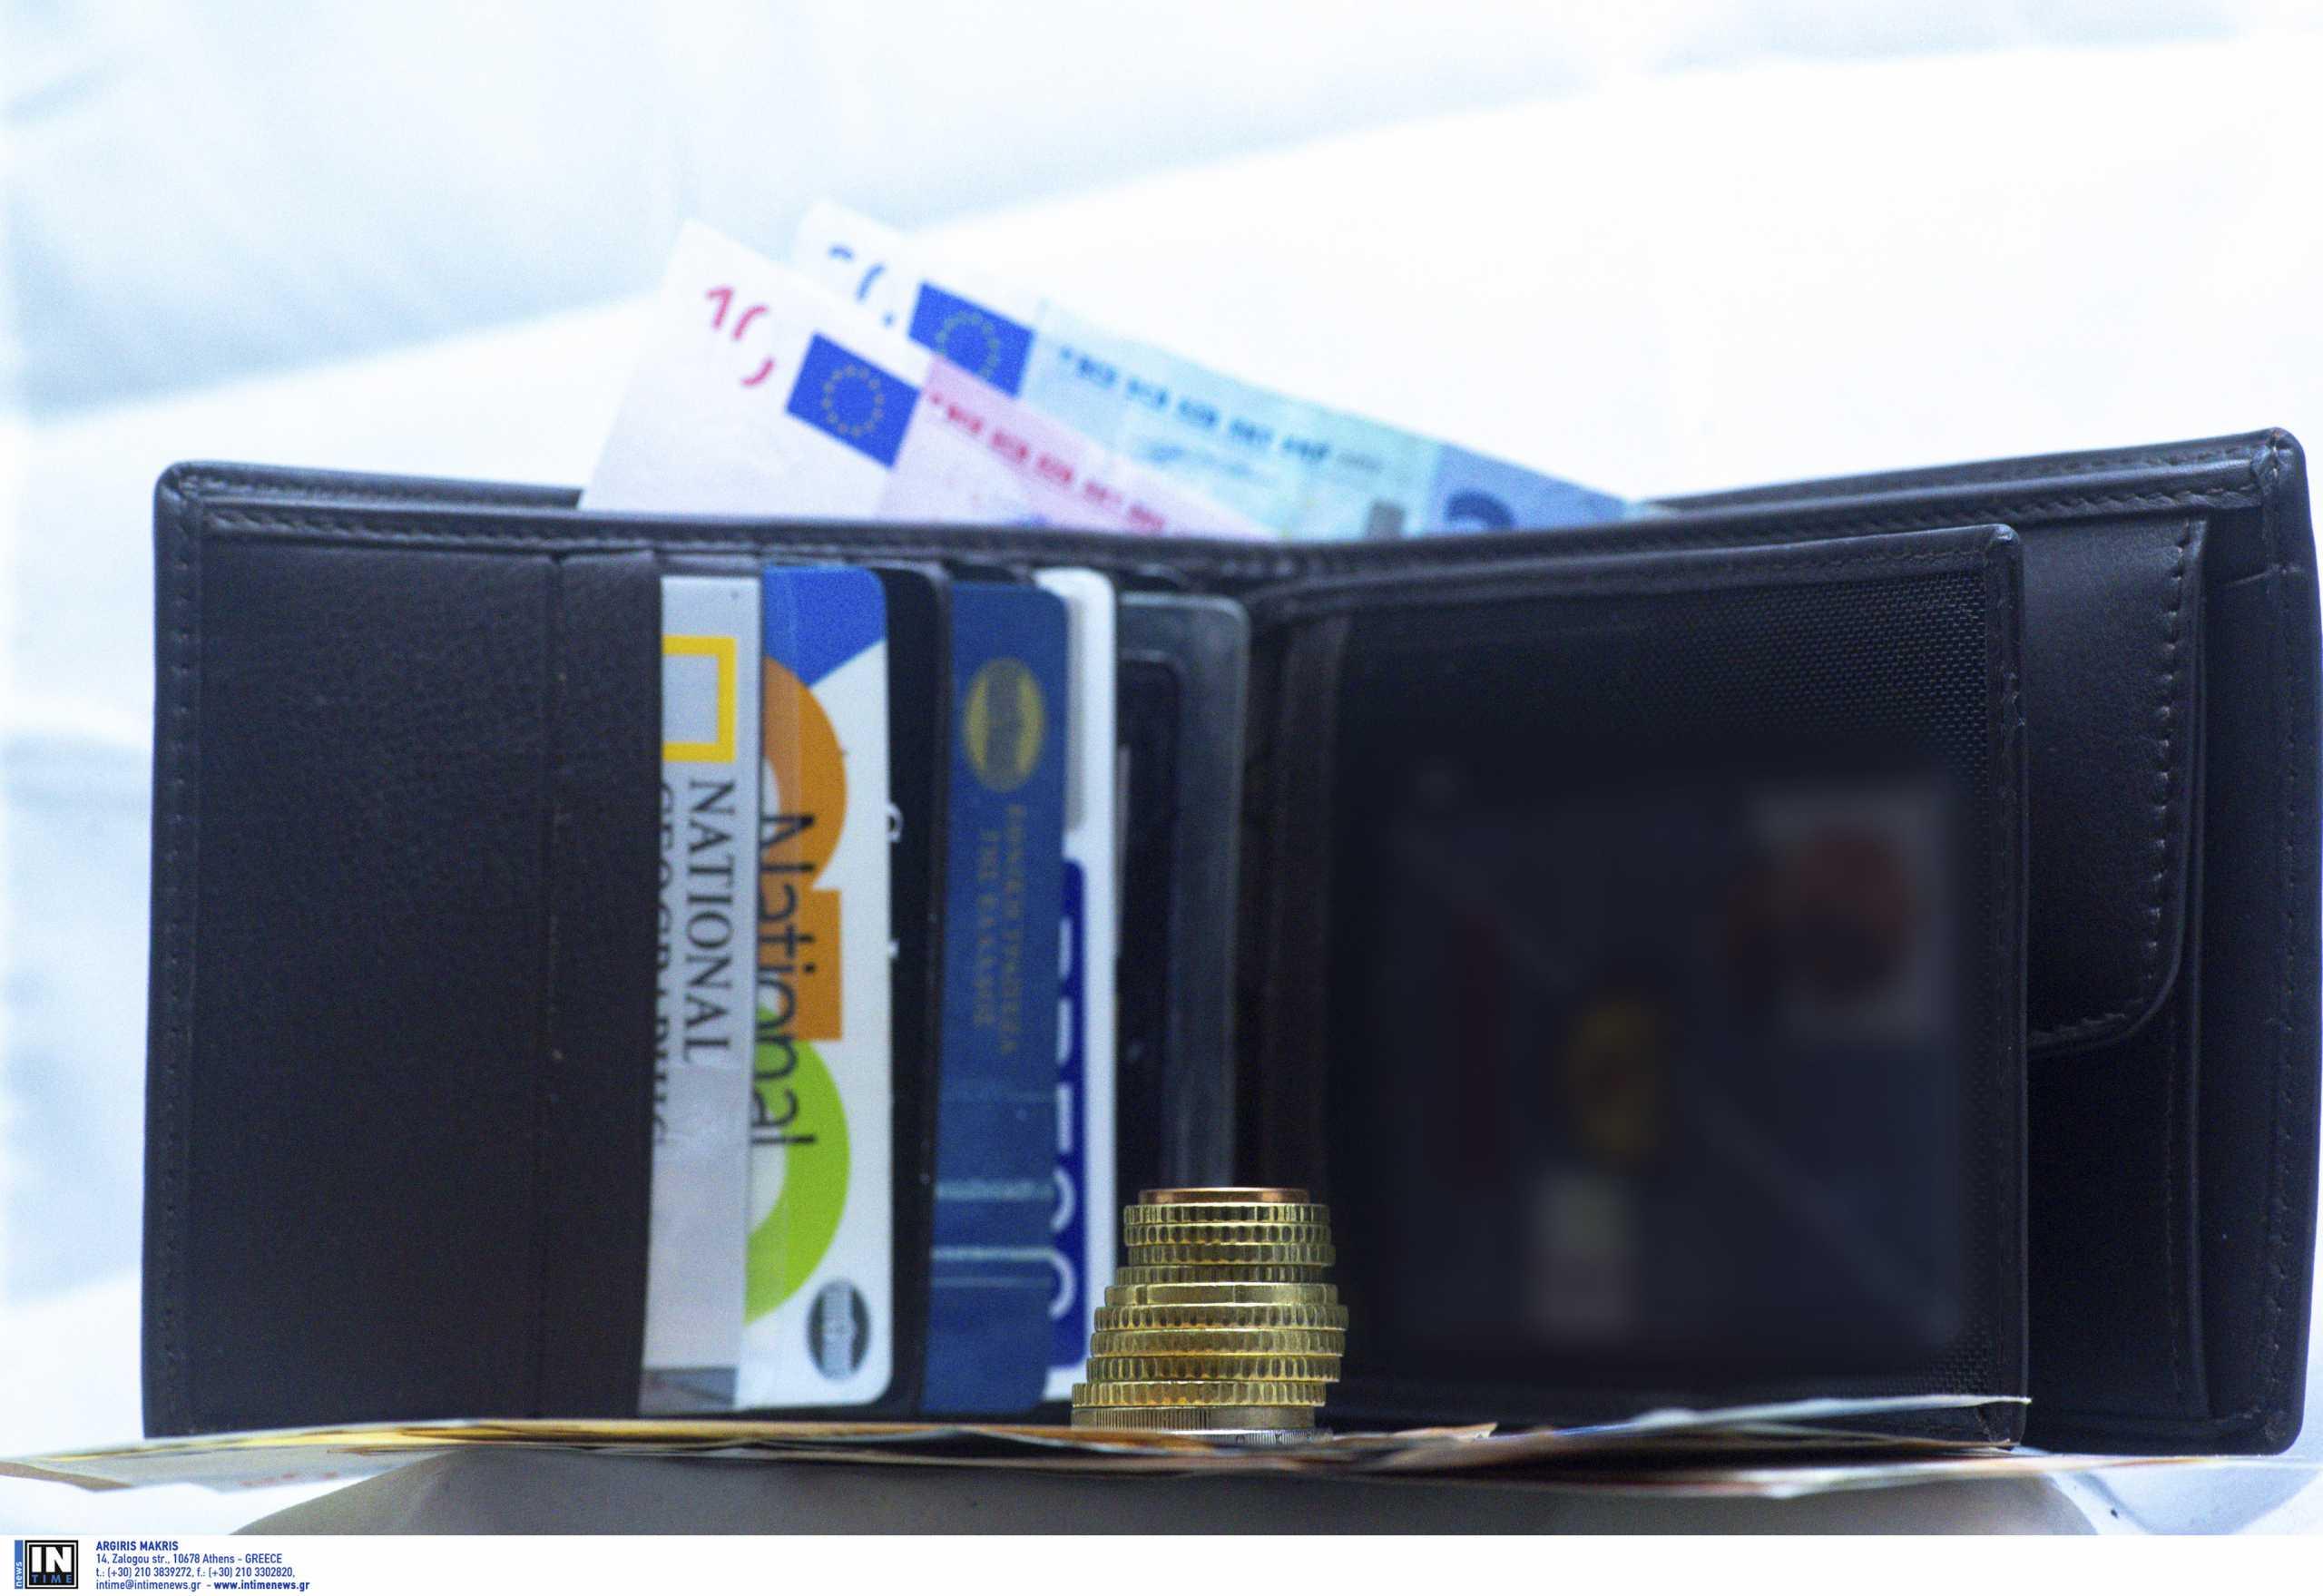 Ψηλά ο πήχης της ΑΑΔΕ για τα έσοδα του 2021 – Διαβατήριο για νέα μείωση φόρων